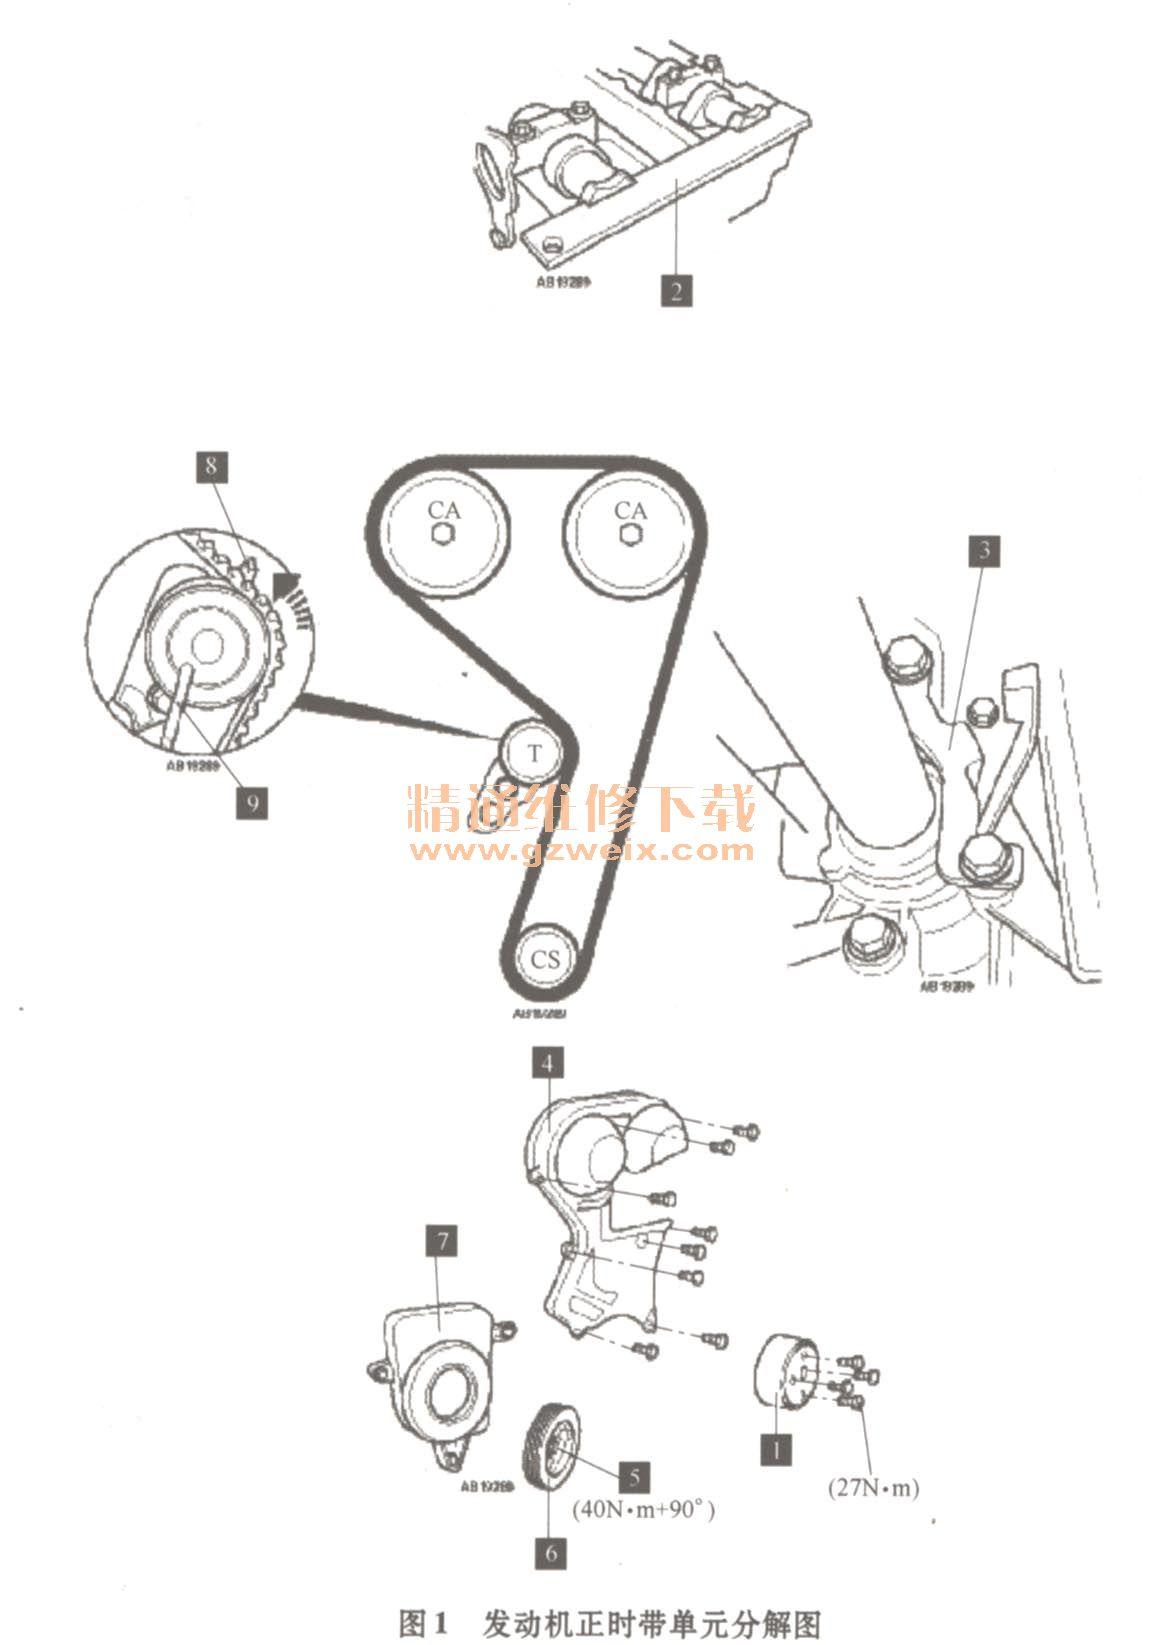 2006款沃尔沃C30装备的B4164S3 1. 6L发动机正时校对方法 1.发动机正时带单元 发动机正时带单元分解图如图1所示。  2.发动机正时带单元拆卸步骤 1)升起和支撑车辆前部。拆卸发动机下护罩、右前轮、右前轮轮拱内衬、辅助传动带、发动机上盖。 2)断开曲轴箱通风软管、凸轮轴位置传感器插头、火花塞导线。 3)拆卸气缸盖罩、水泵带轮、冷却液膨胀罐(不要断开软管)。 4)顺时针转动曲轴,直到1缸位于上止点(TDC)位置之前。 5)顺时针缓慢转动曲轴,直到设定棒2可以安装好。 6)安装飞轮锁定工具3。